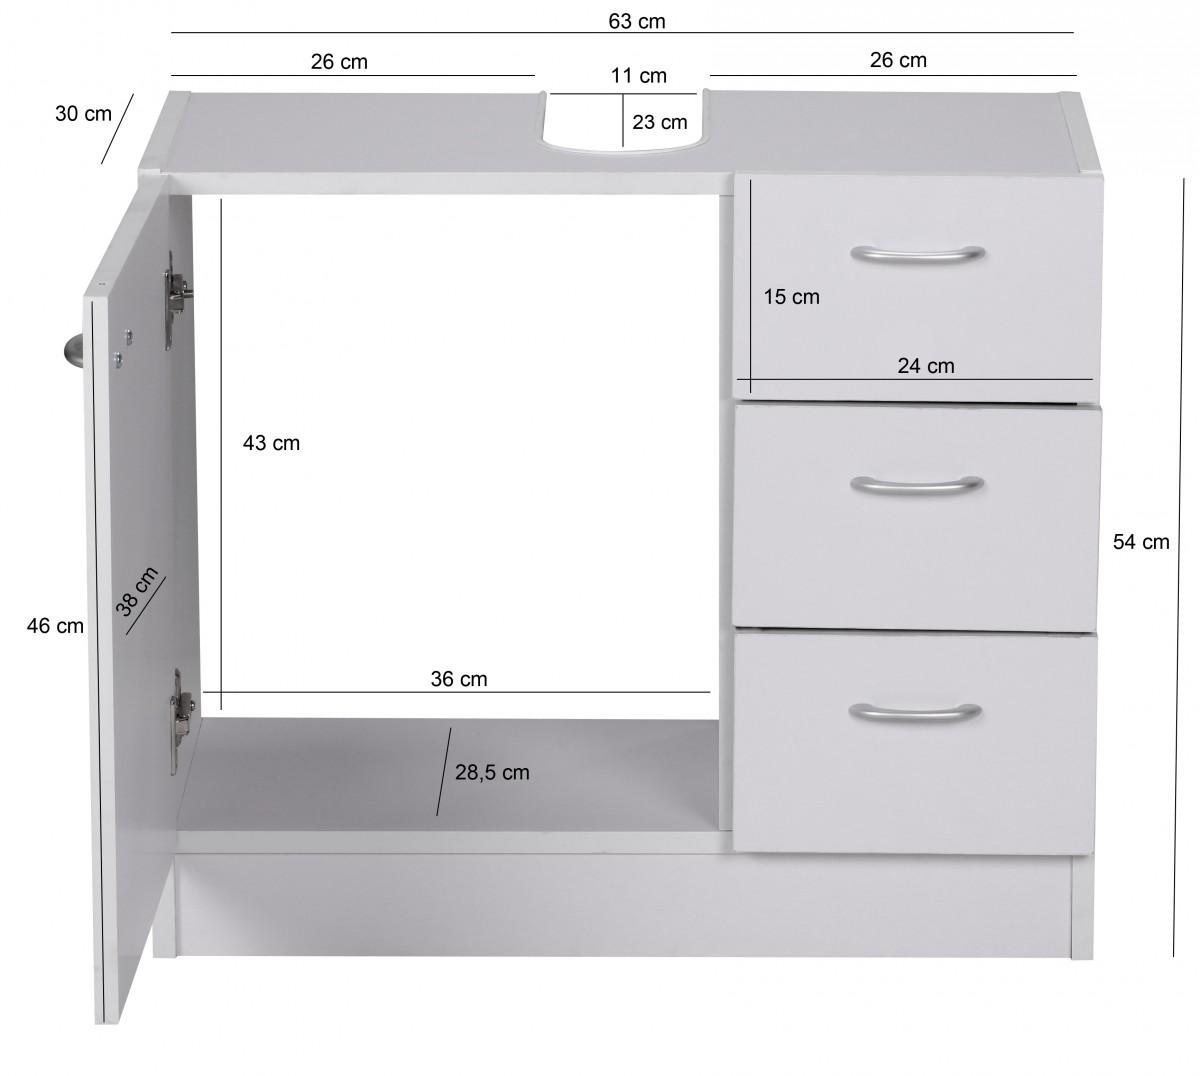 WOHNLING Bad Waschbecken Unterschrank 54 X 63 X 30 Cm 1 Tür, 3 Schubladen,  Weiß 35999